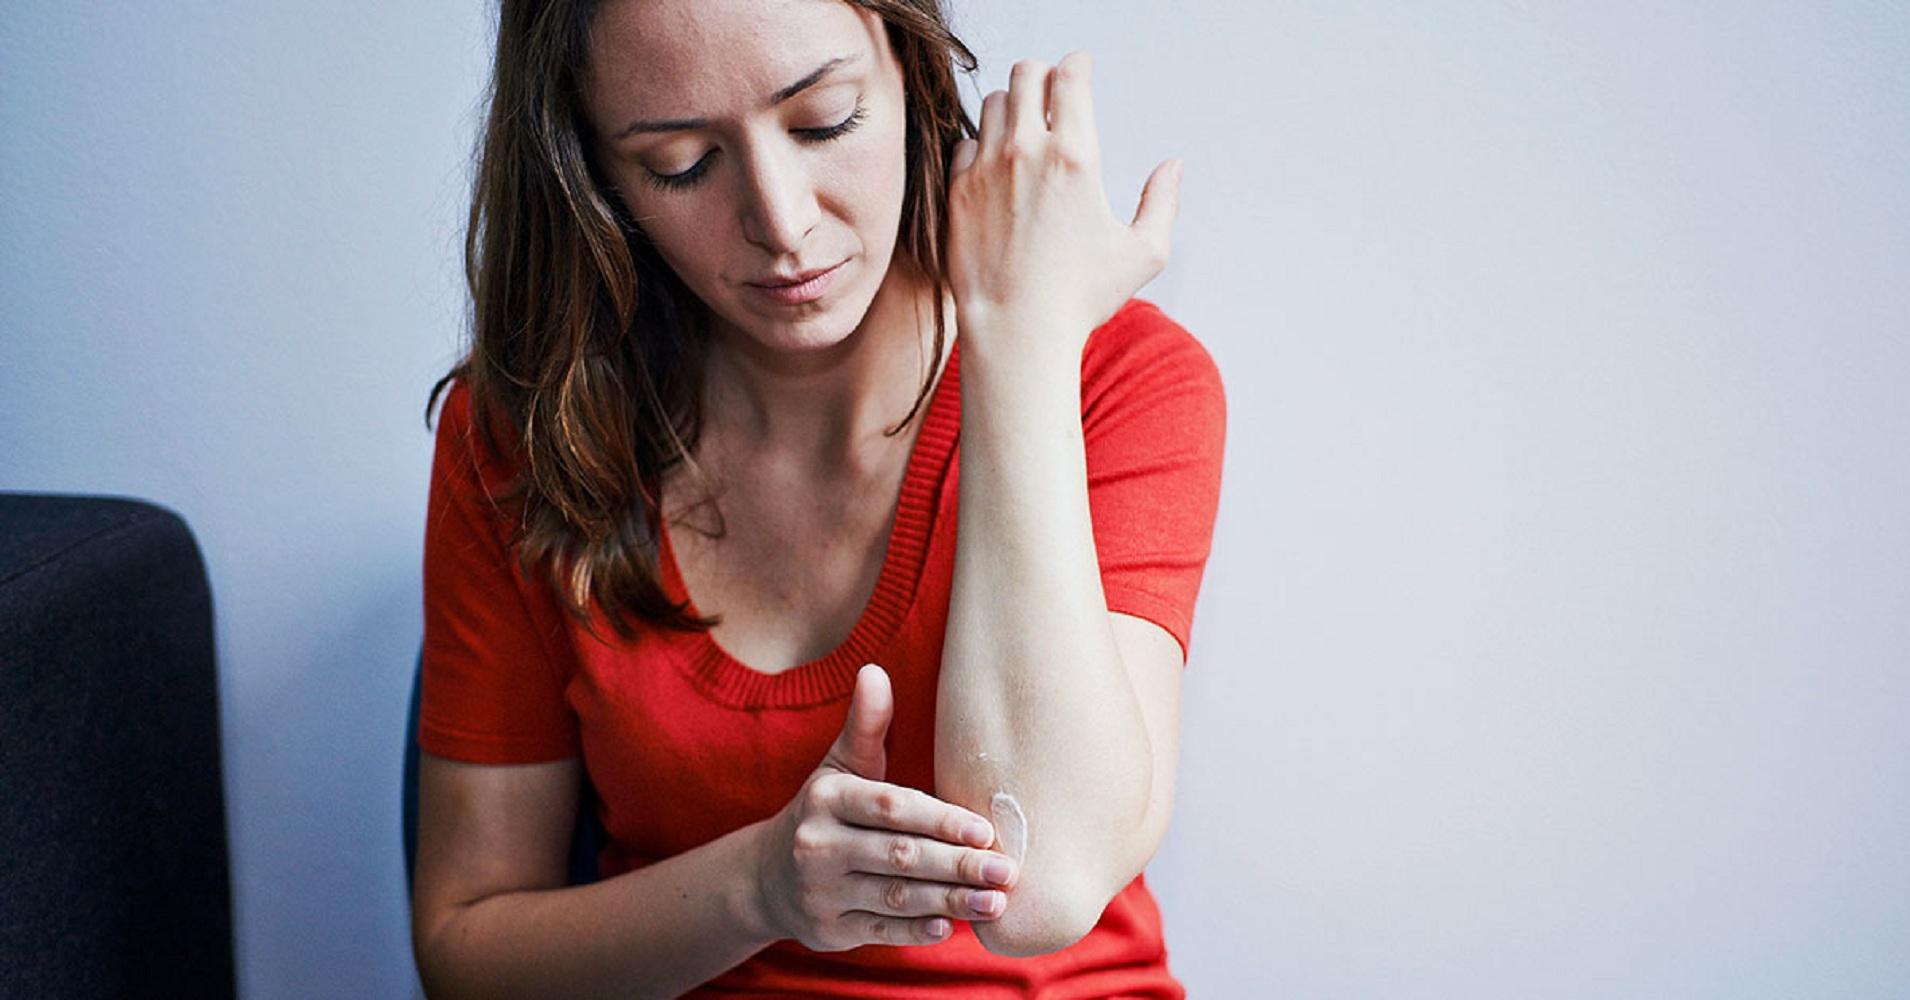 gyógyszer a hát és az ízületek számára a térd diprospan kezelése